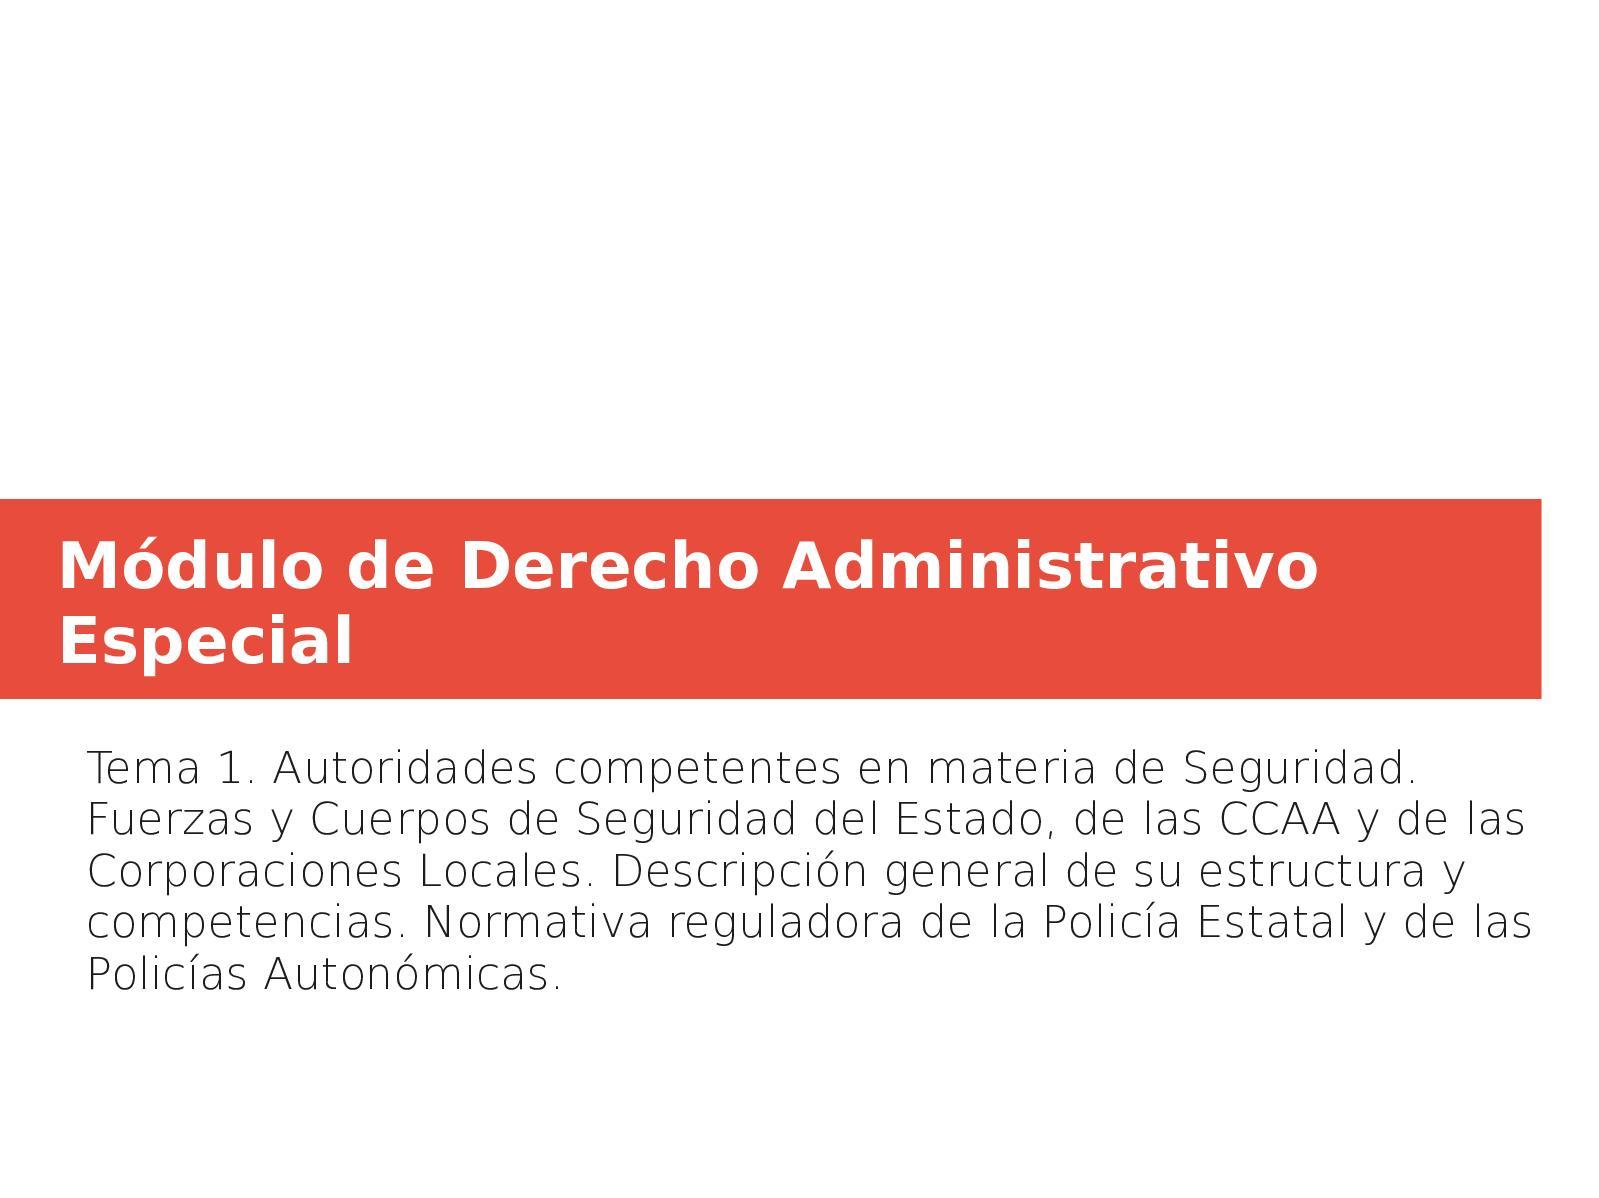 Mdulo De Derecho Administrativo